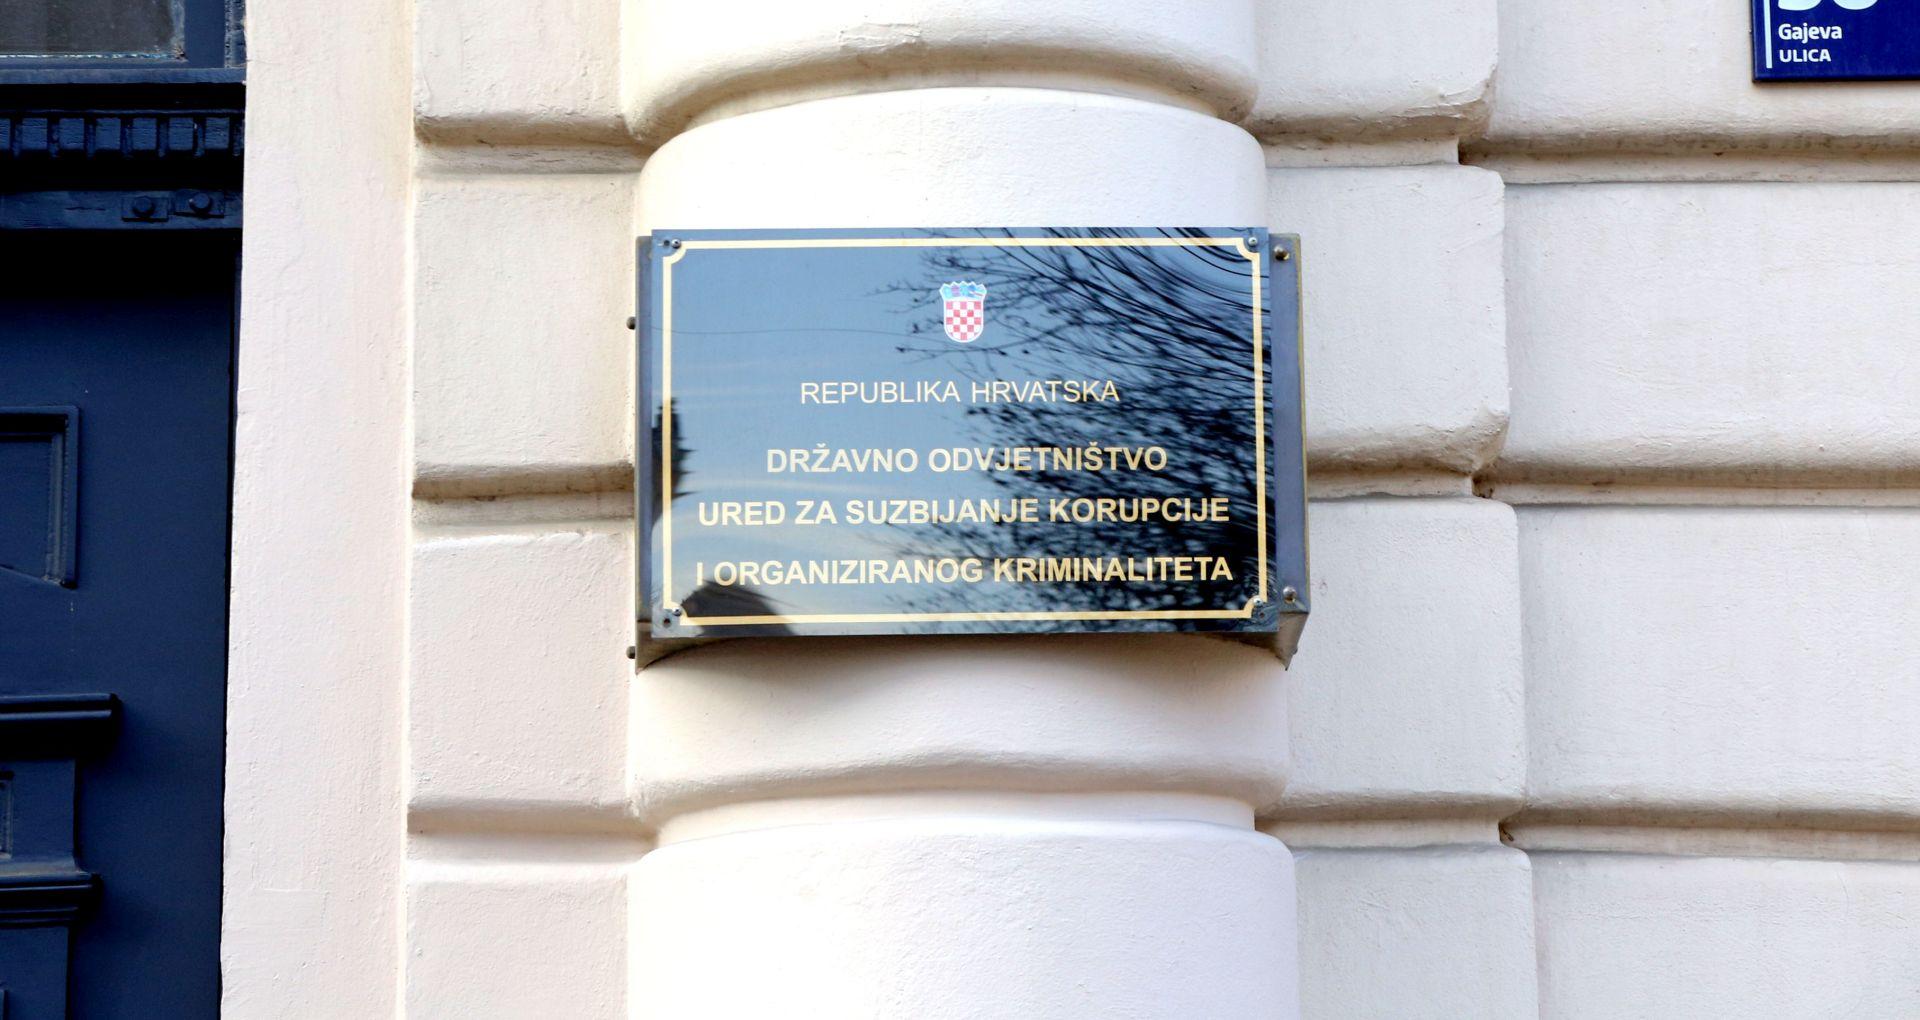 AKCIJA USKOK-a: U Zagrebu uhićeno više osoba zbog korupcije